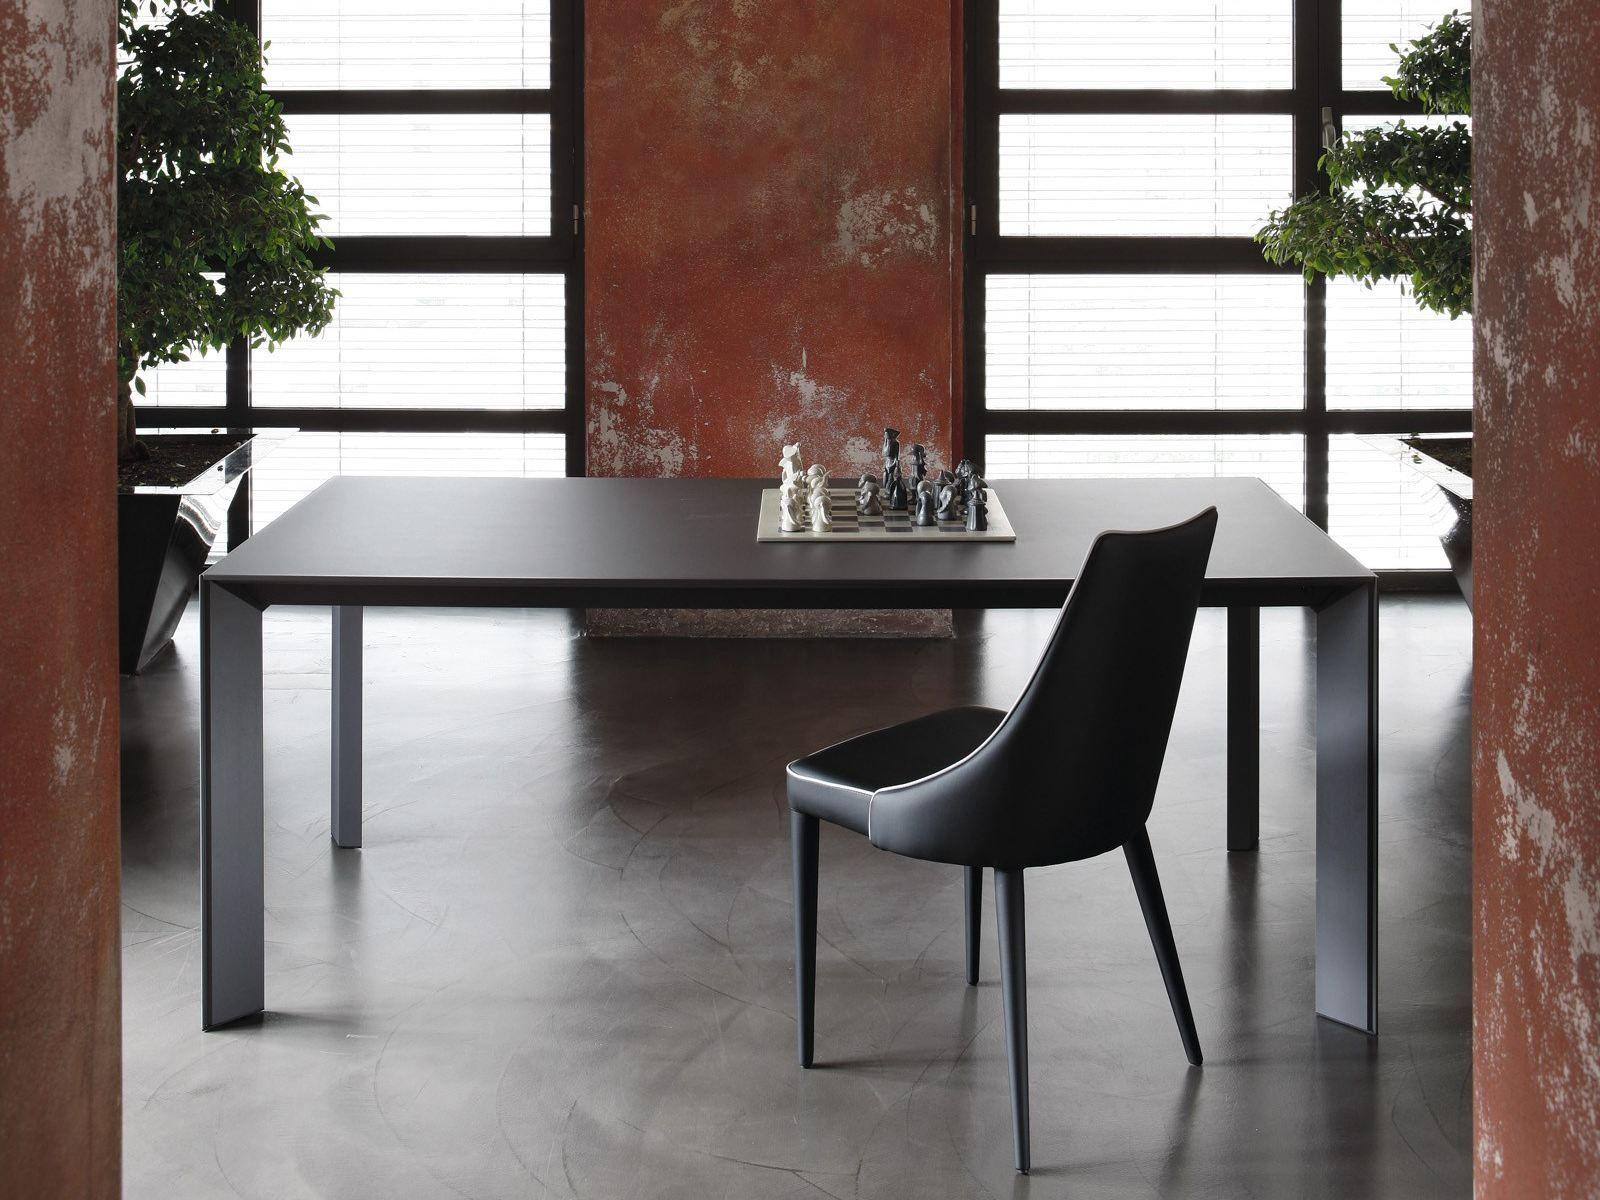 Tavolo rettangolare in acciaio e cristallo genio for Tavoli in cristallo e acciaio